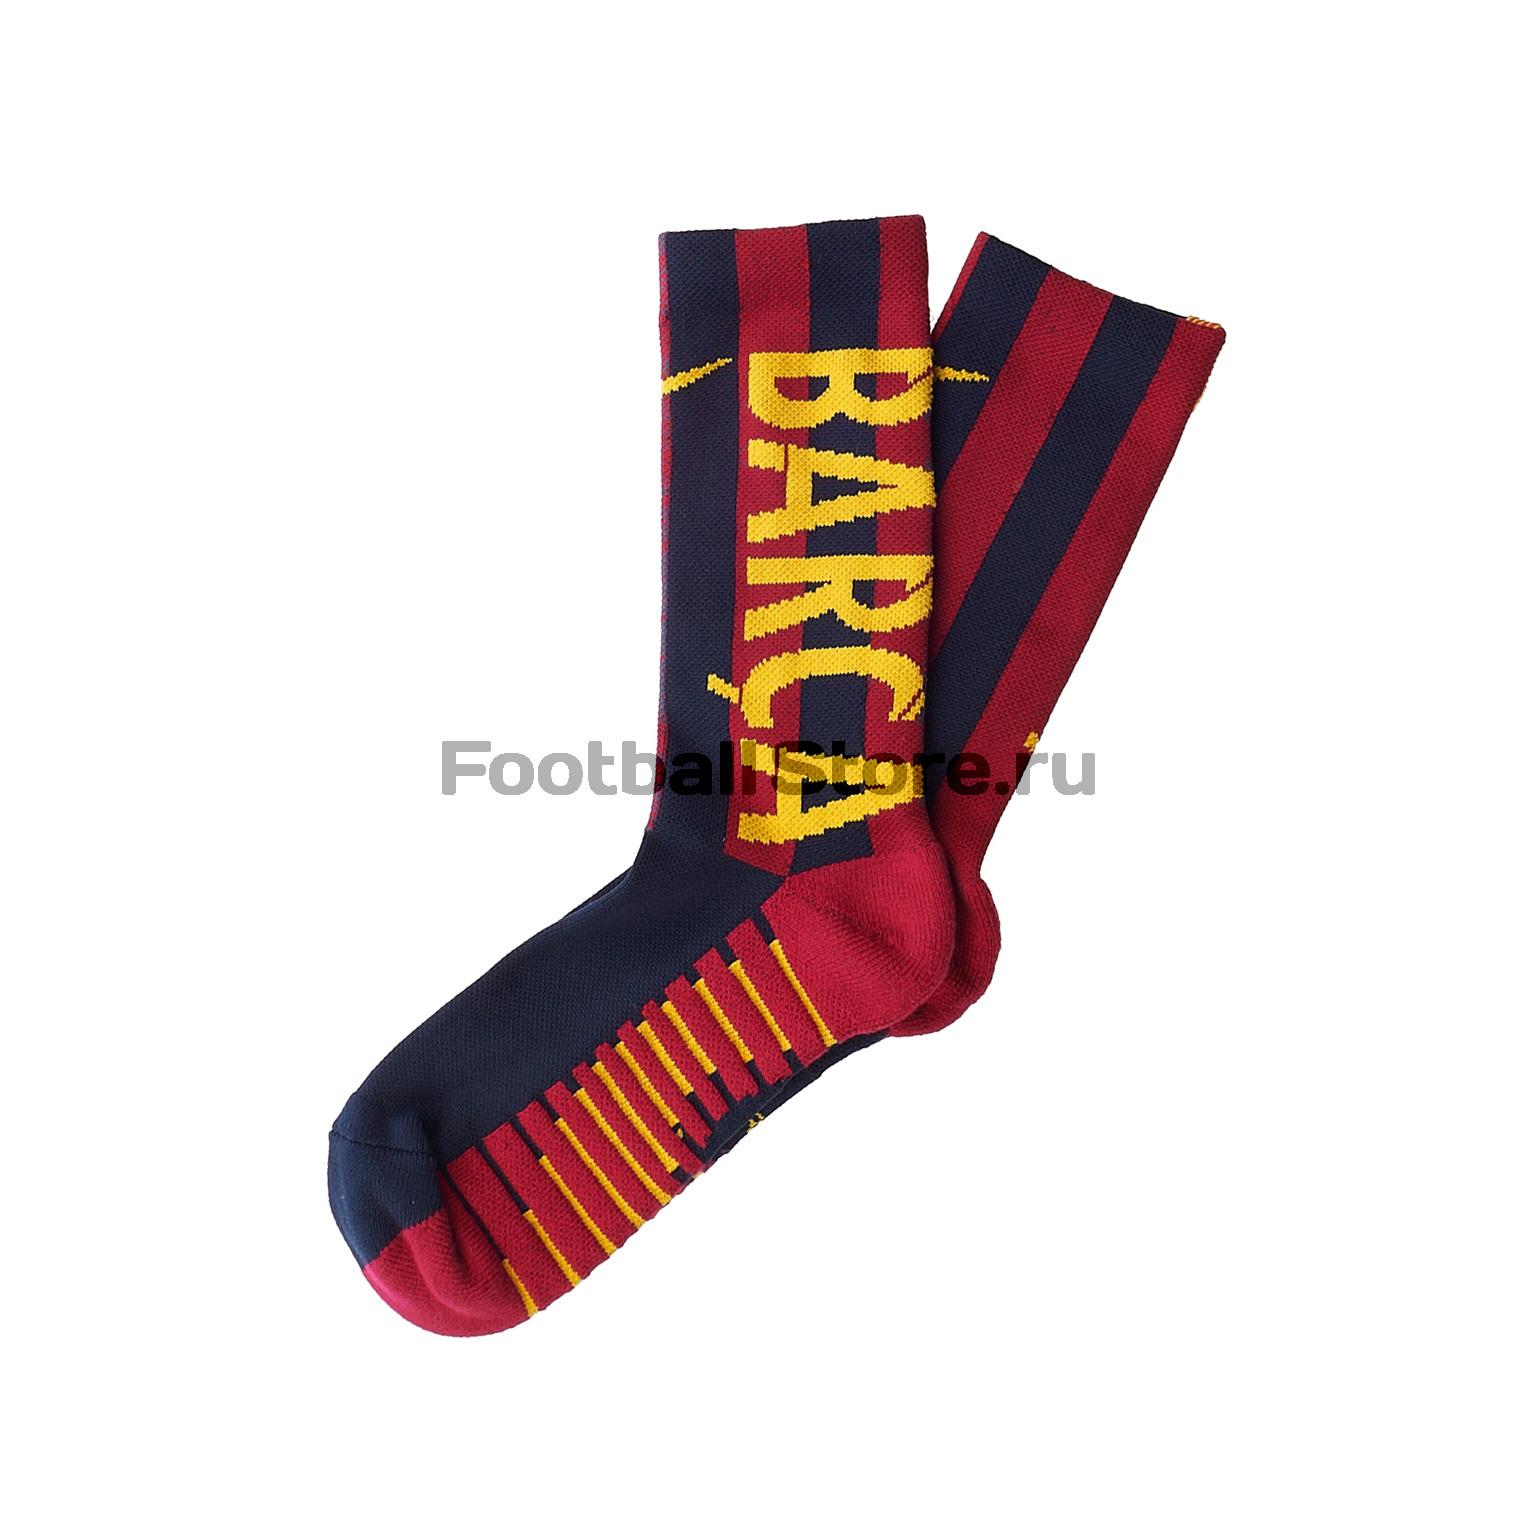 Носки Nike Barcelona Crew SX7562-451 носки nike носки running dri fit cushion dynamic arch quarter